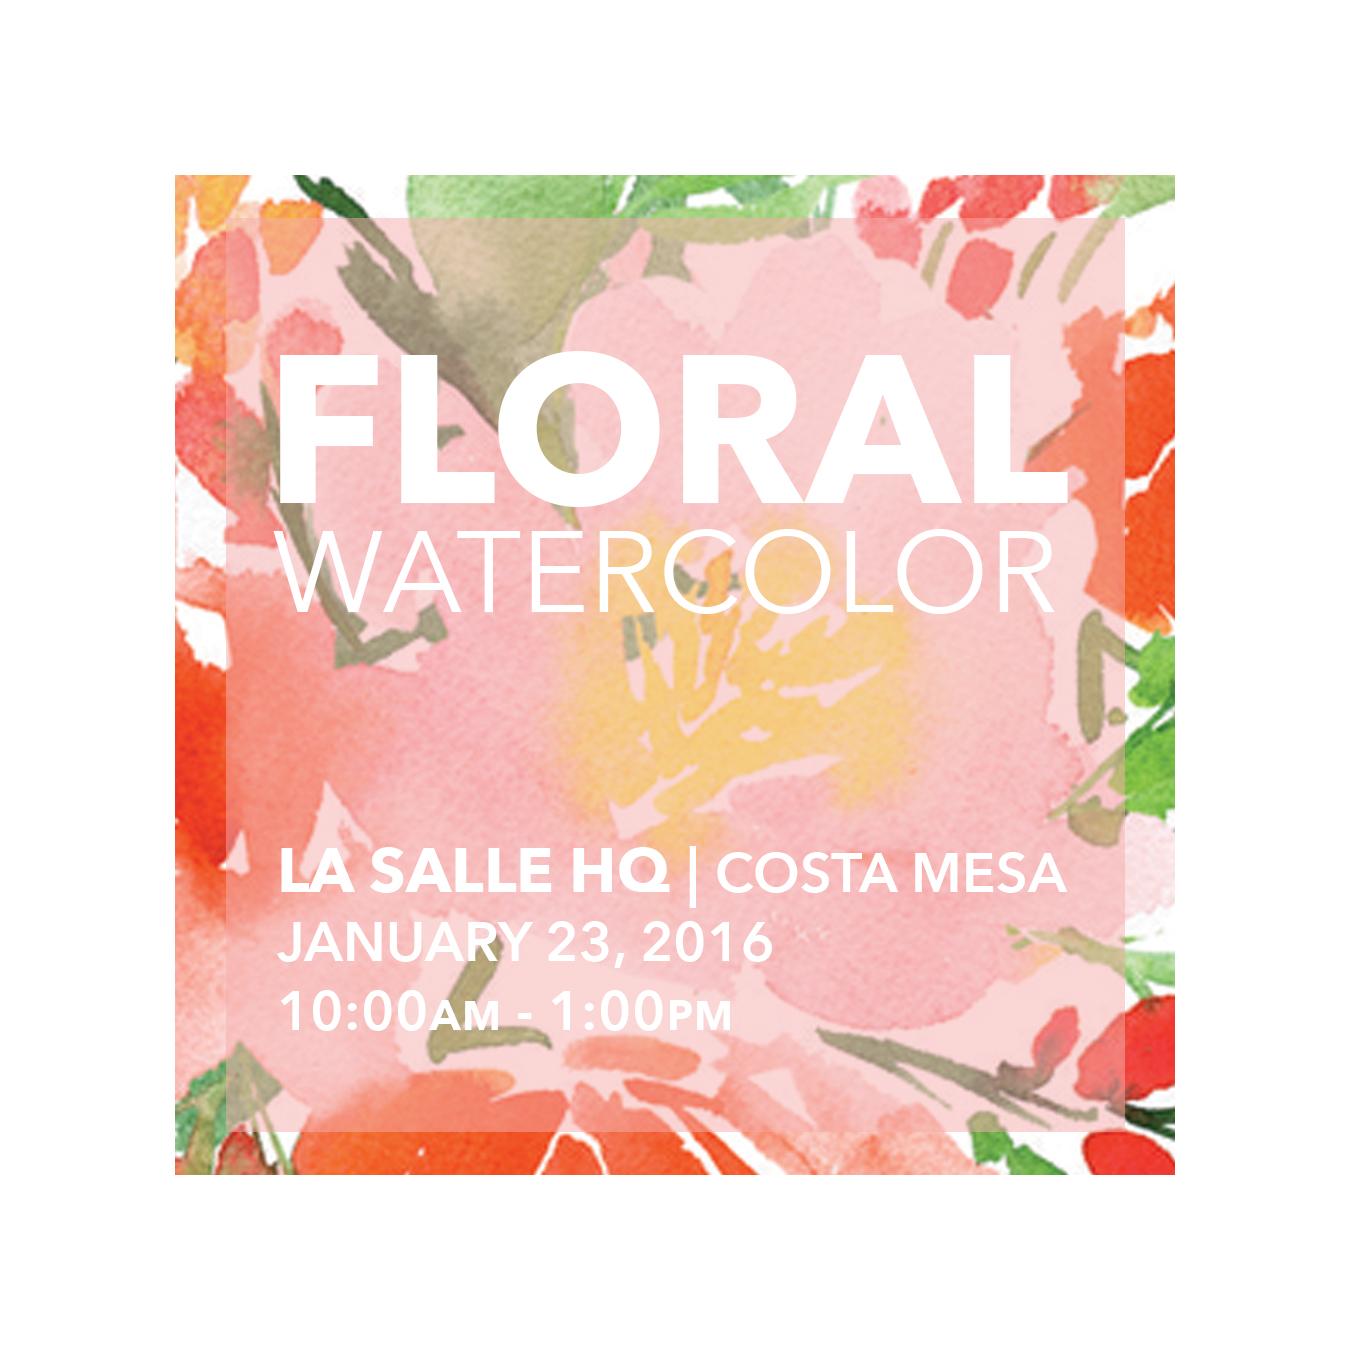 floral_watercolor.jpg